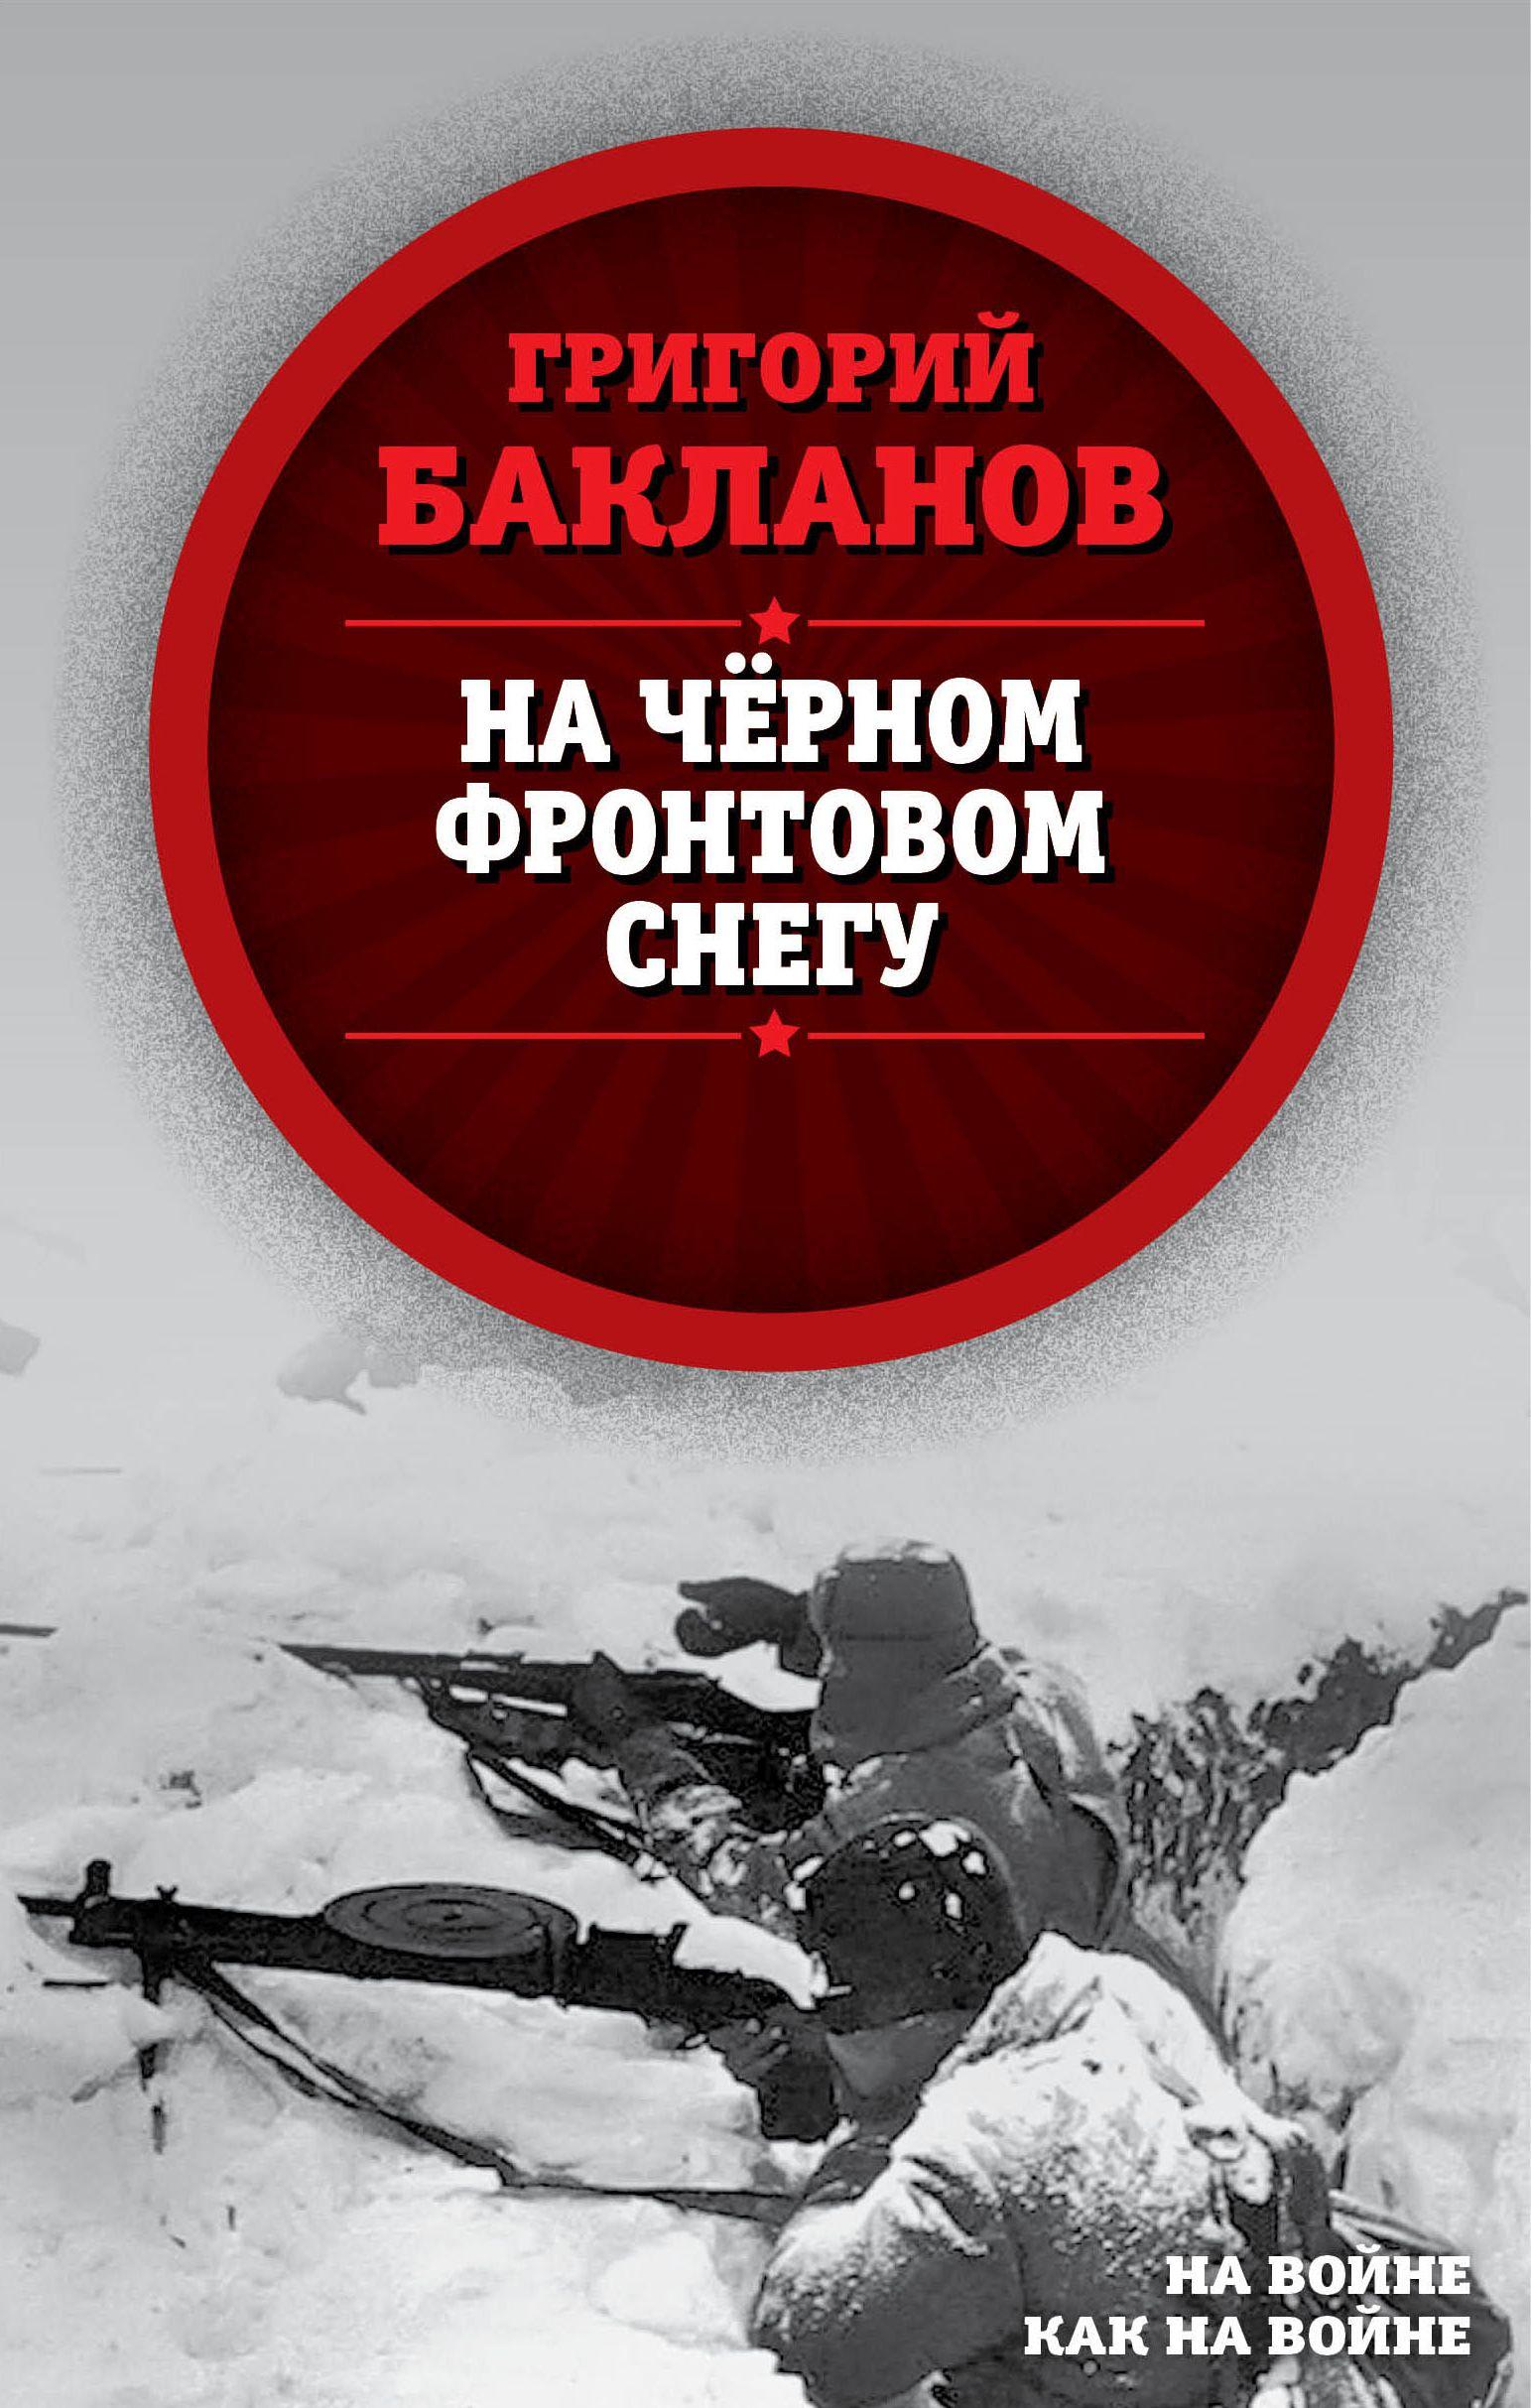 Купить книгу На черном фронтовом снегу, автора Григория Бакланова